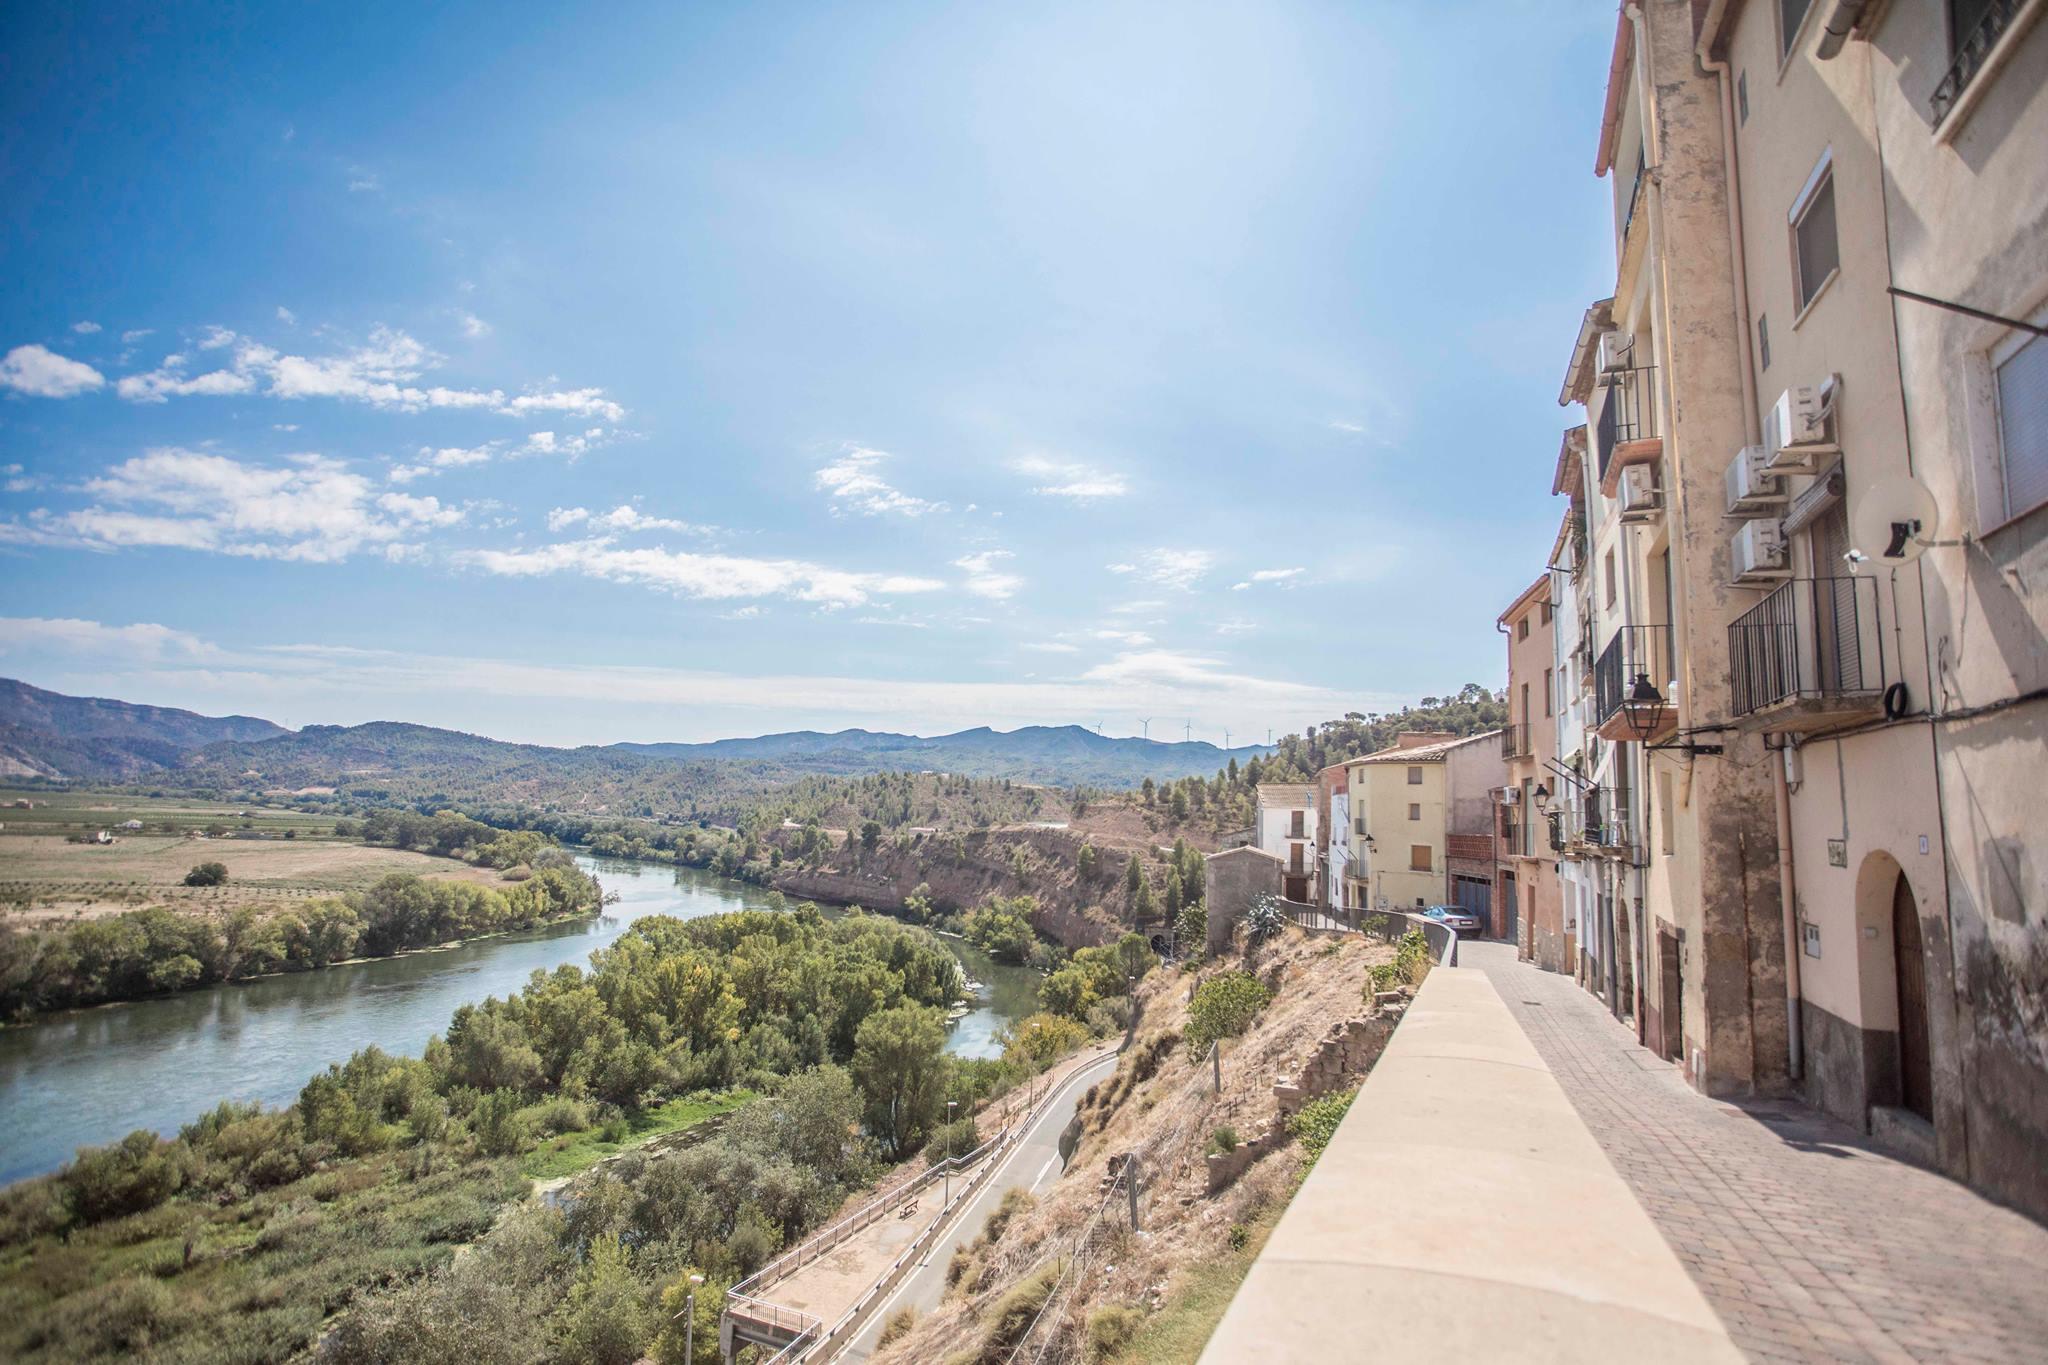 Vistes del riu Ebre des del Carrer de la Mola d'Ascó